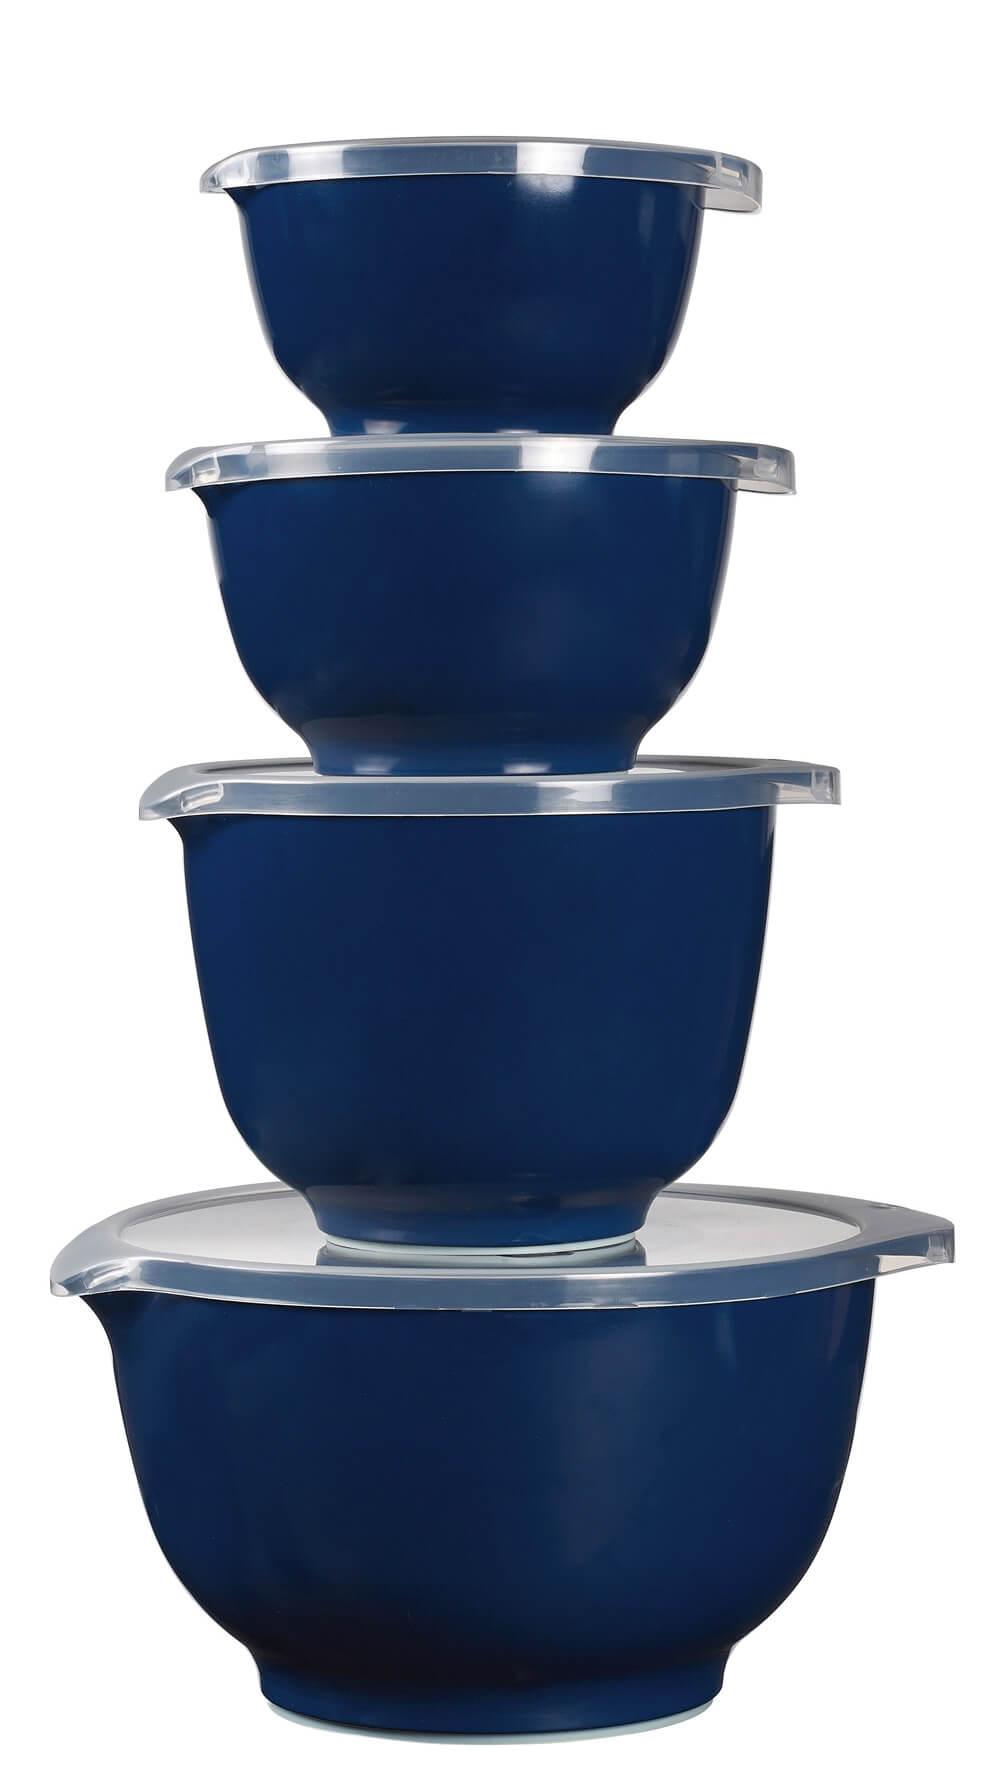 Rosti Margretheset 8-del Indigo Blue